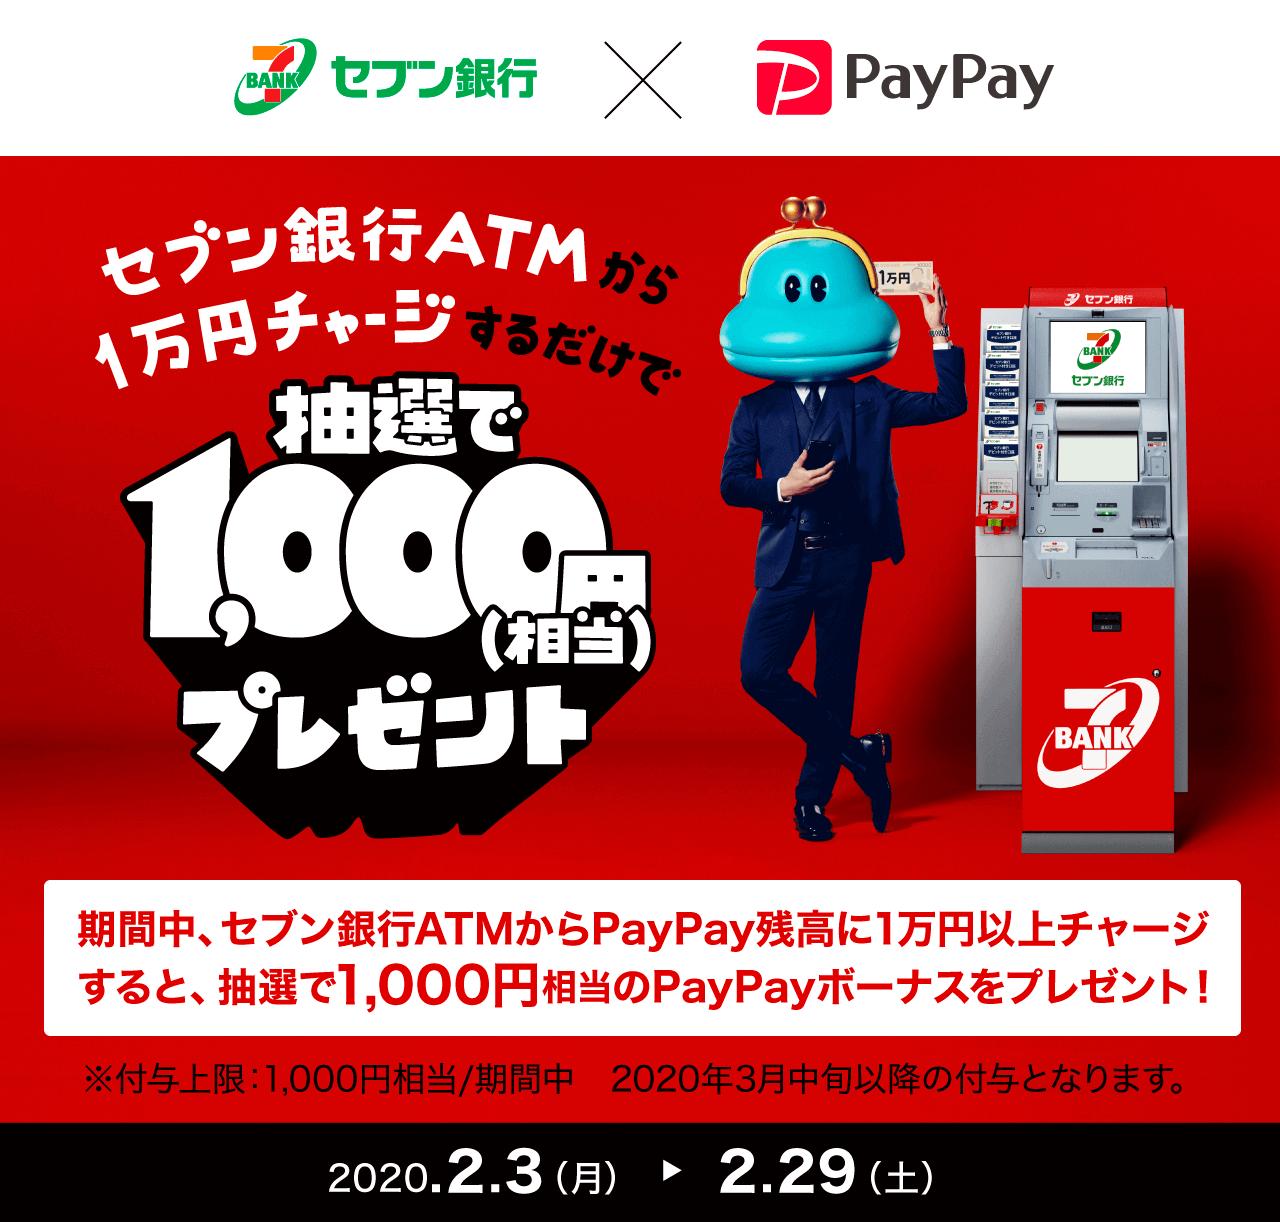 セブン銀行ATMから1万円チャージするだけで 抽選で1,000円(相当)プレゼント